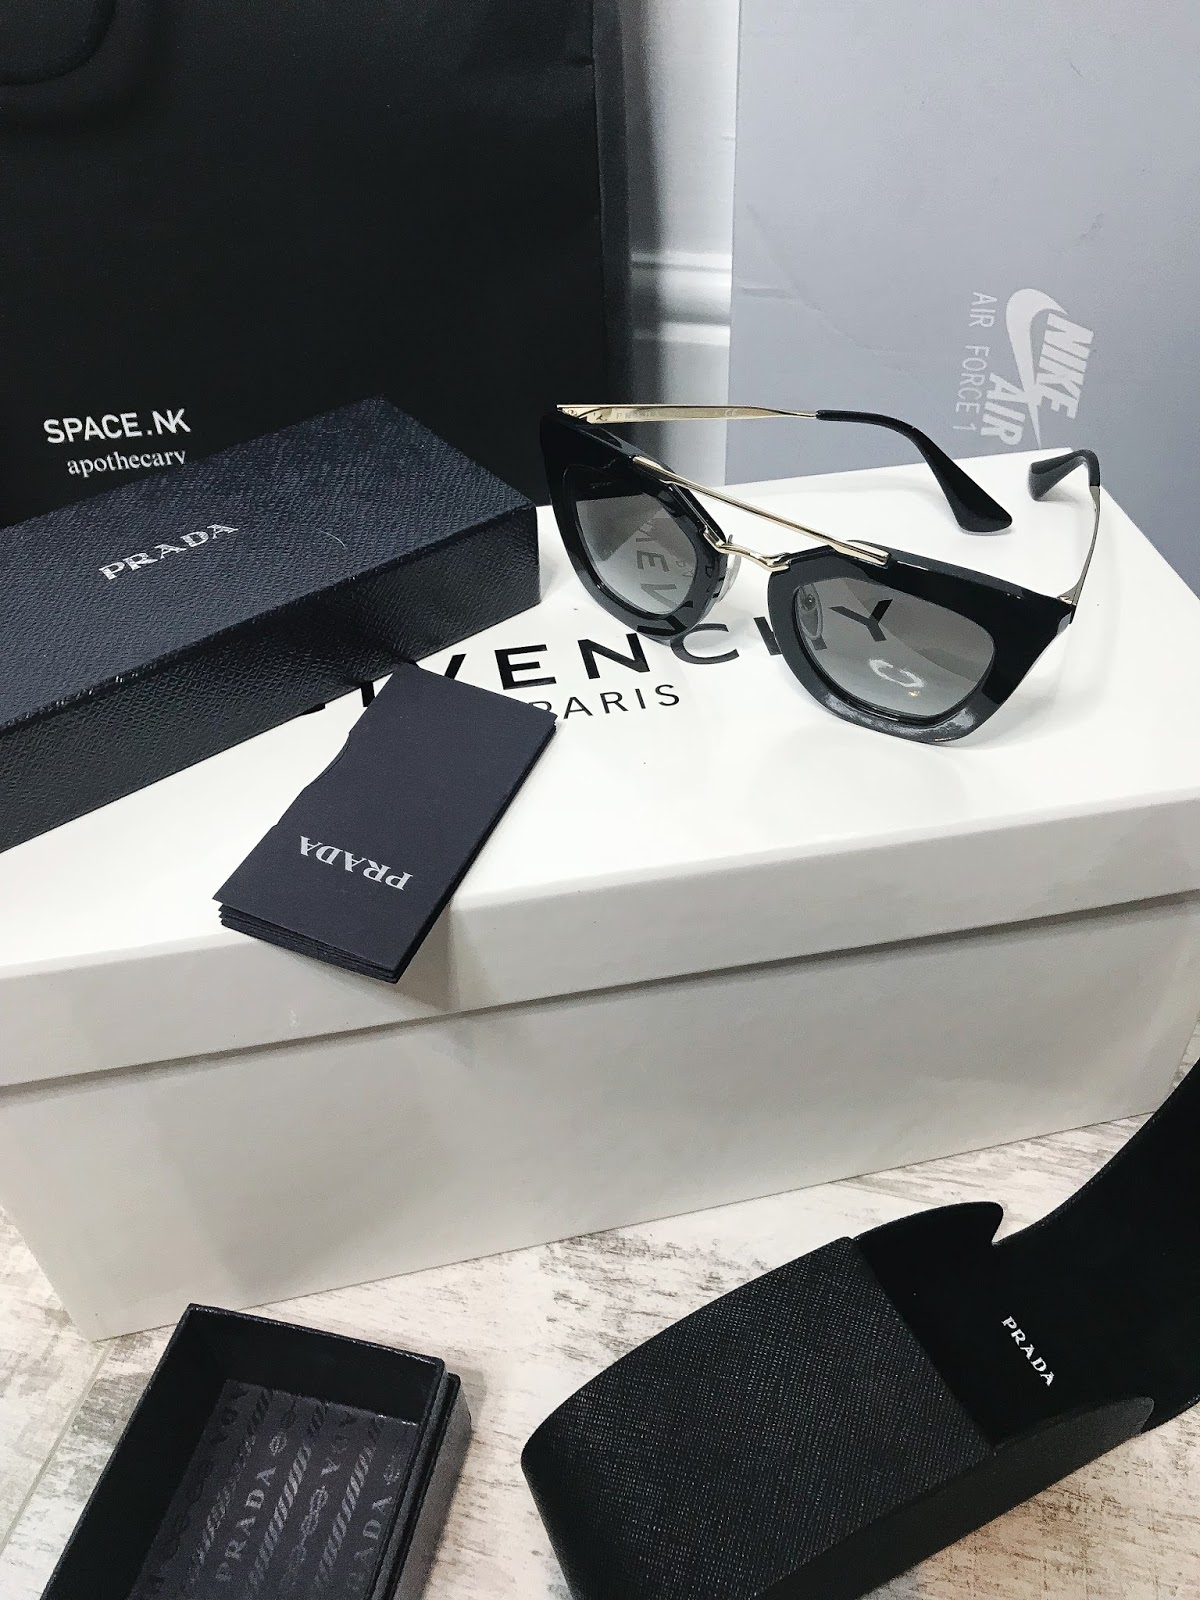 Prada cinema sunglasses black and gold